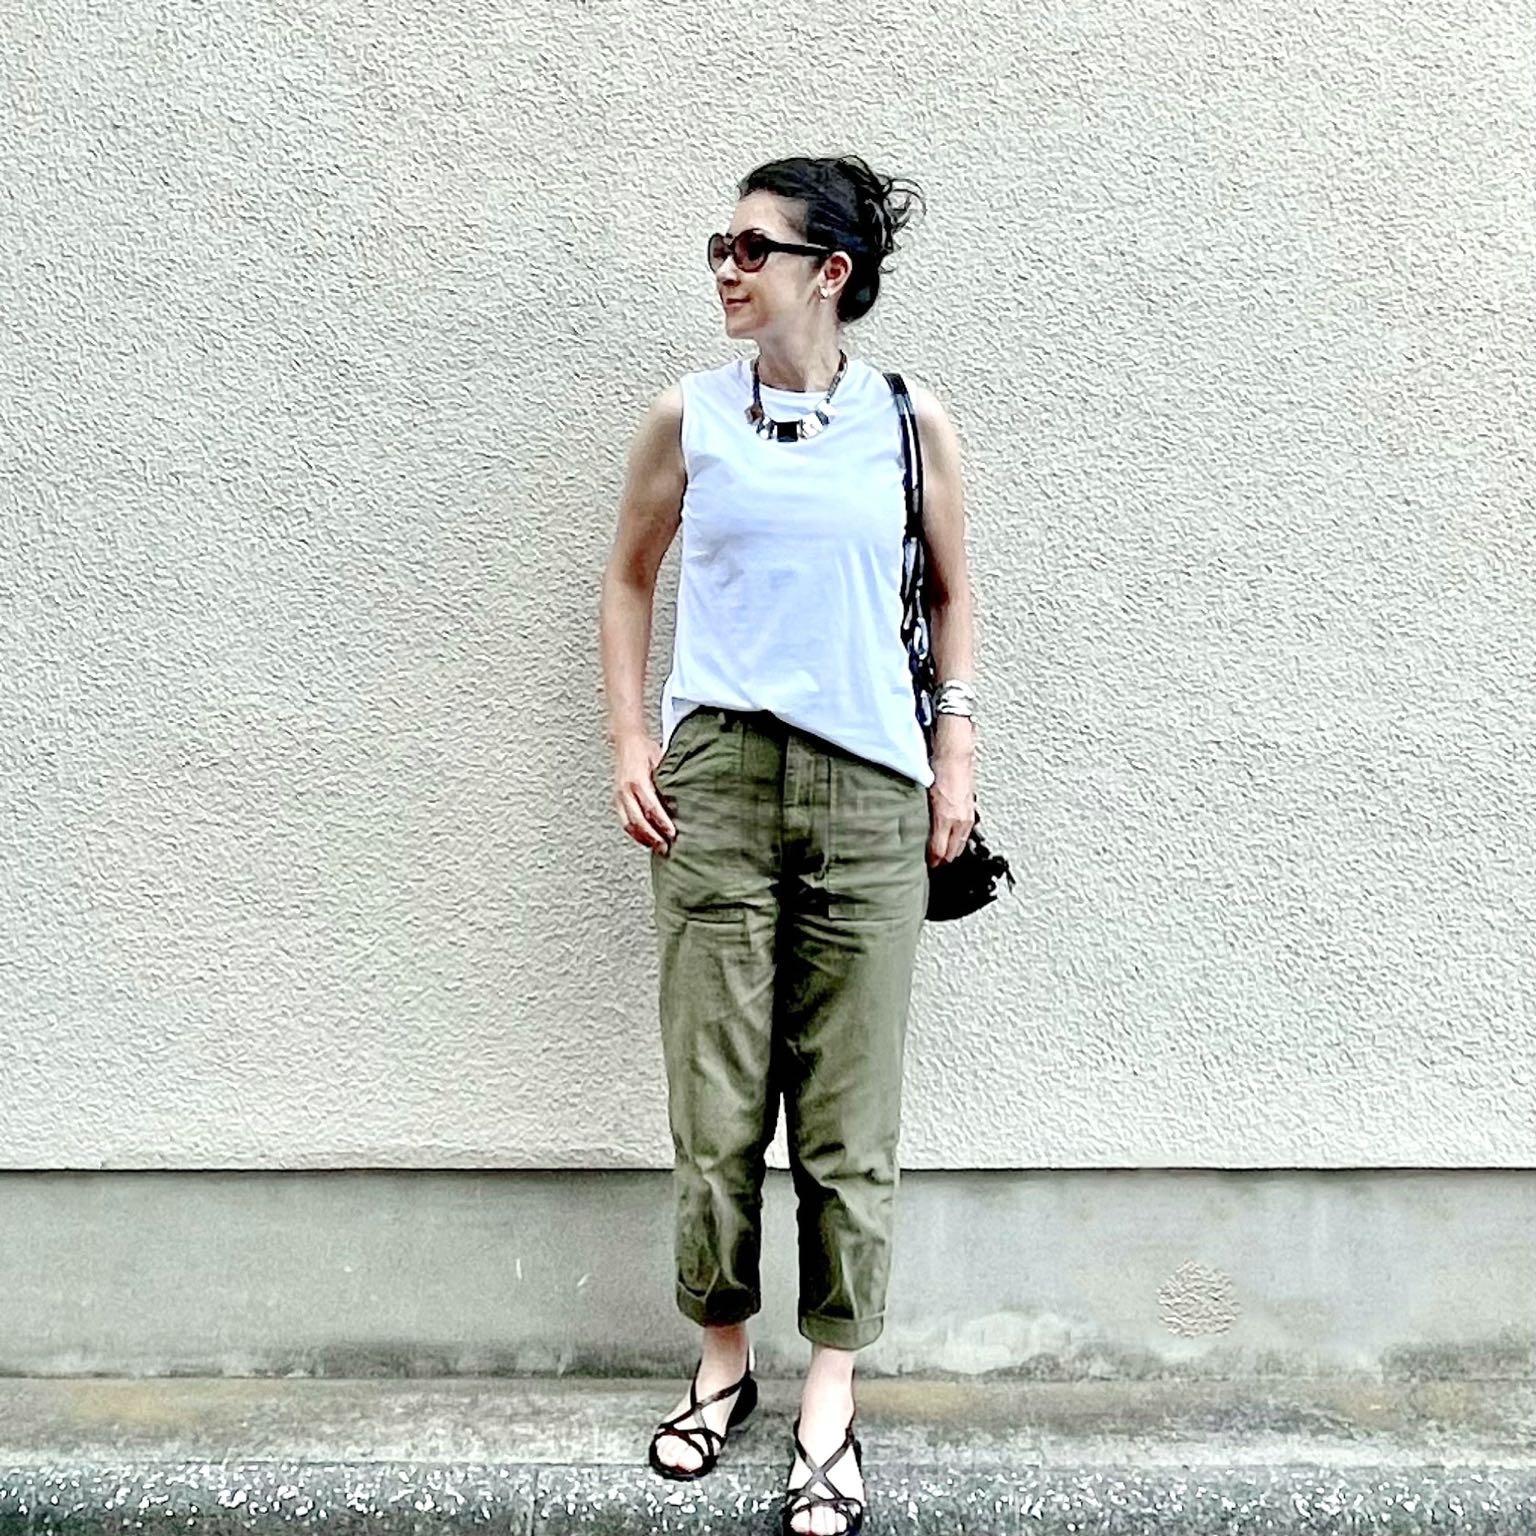 ユニクロの白のノースリーブTシャツ、カーキのベイカーパンツ、ブラックのフラットサンダル、ブラックのメッシュバッグ、大振りのショートネックレス